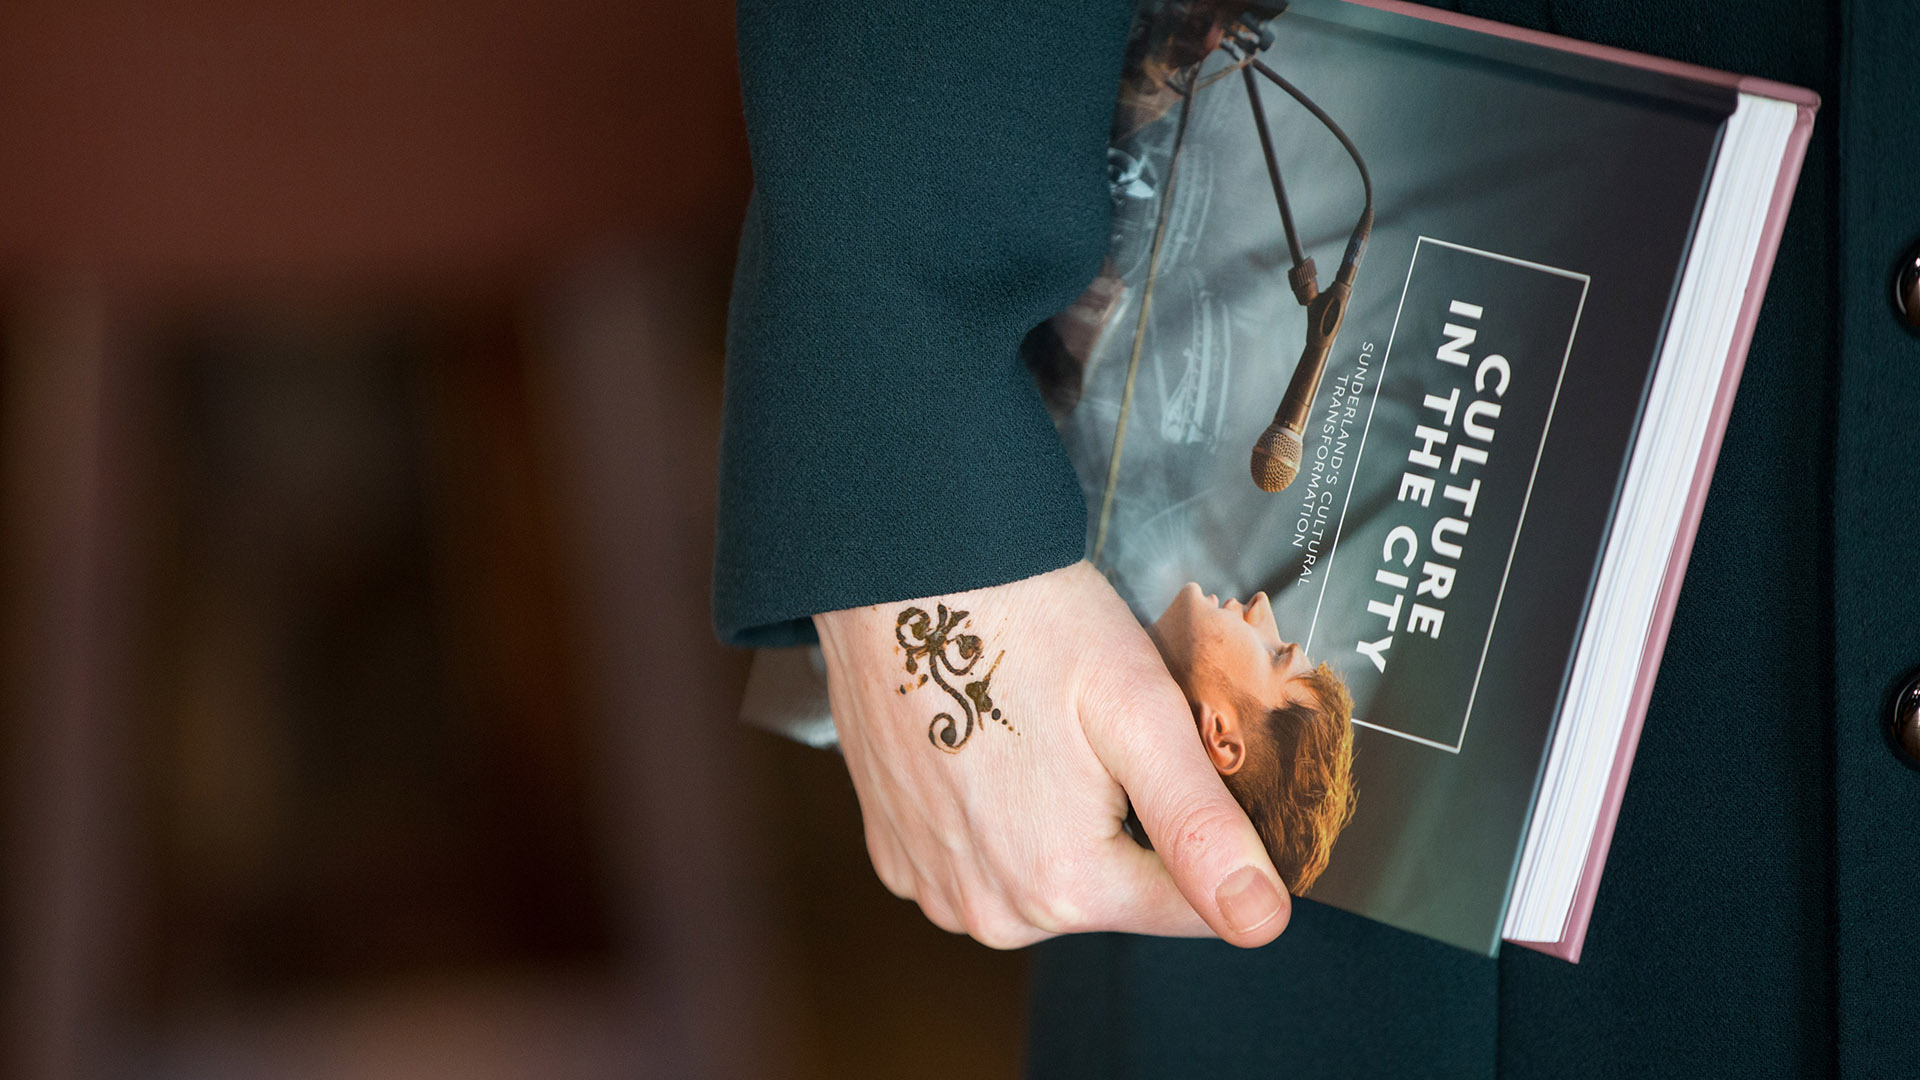 Los tatuajes de henna no son permanentes: solo duran unos días y no dejan marca